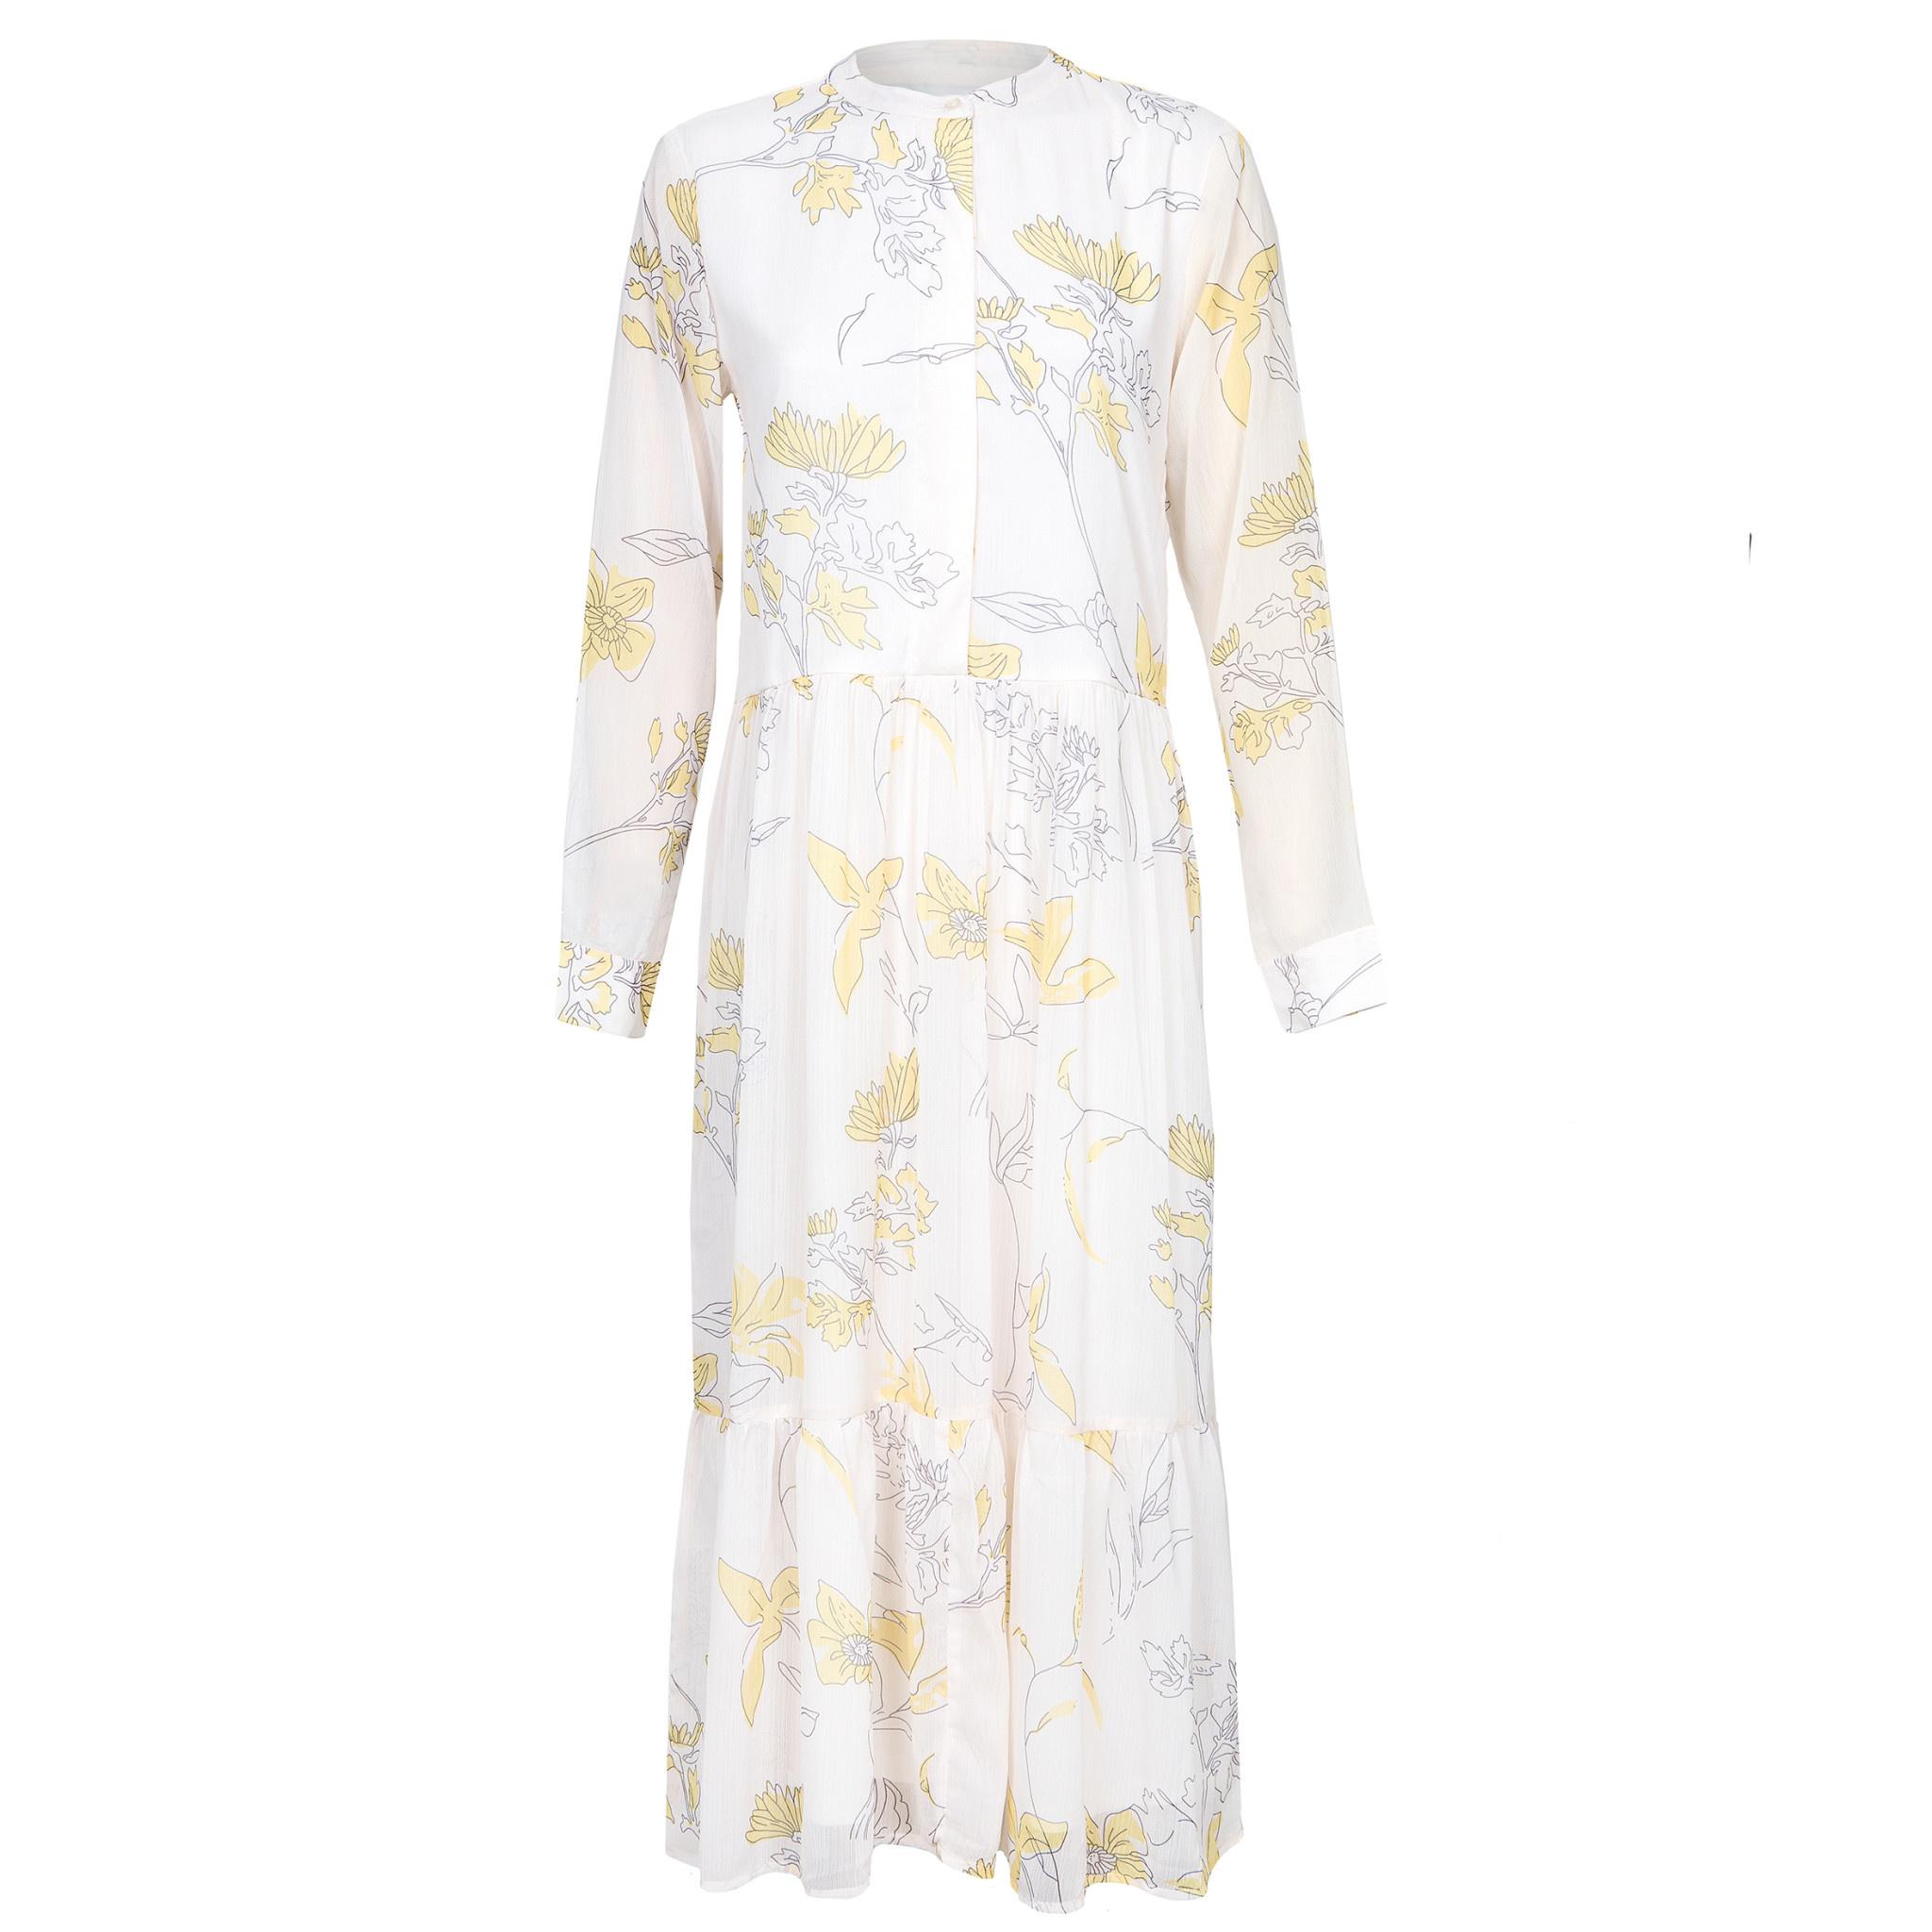 Dress Lilja